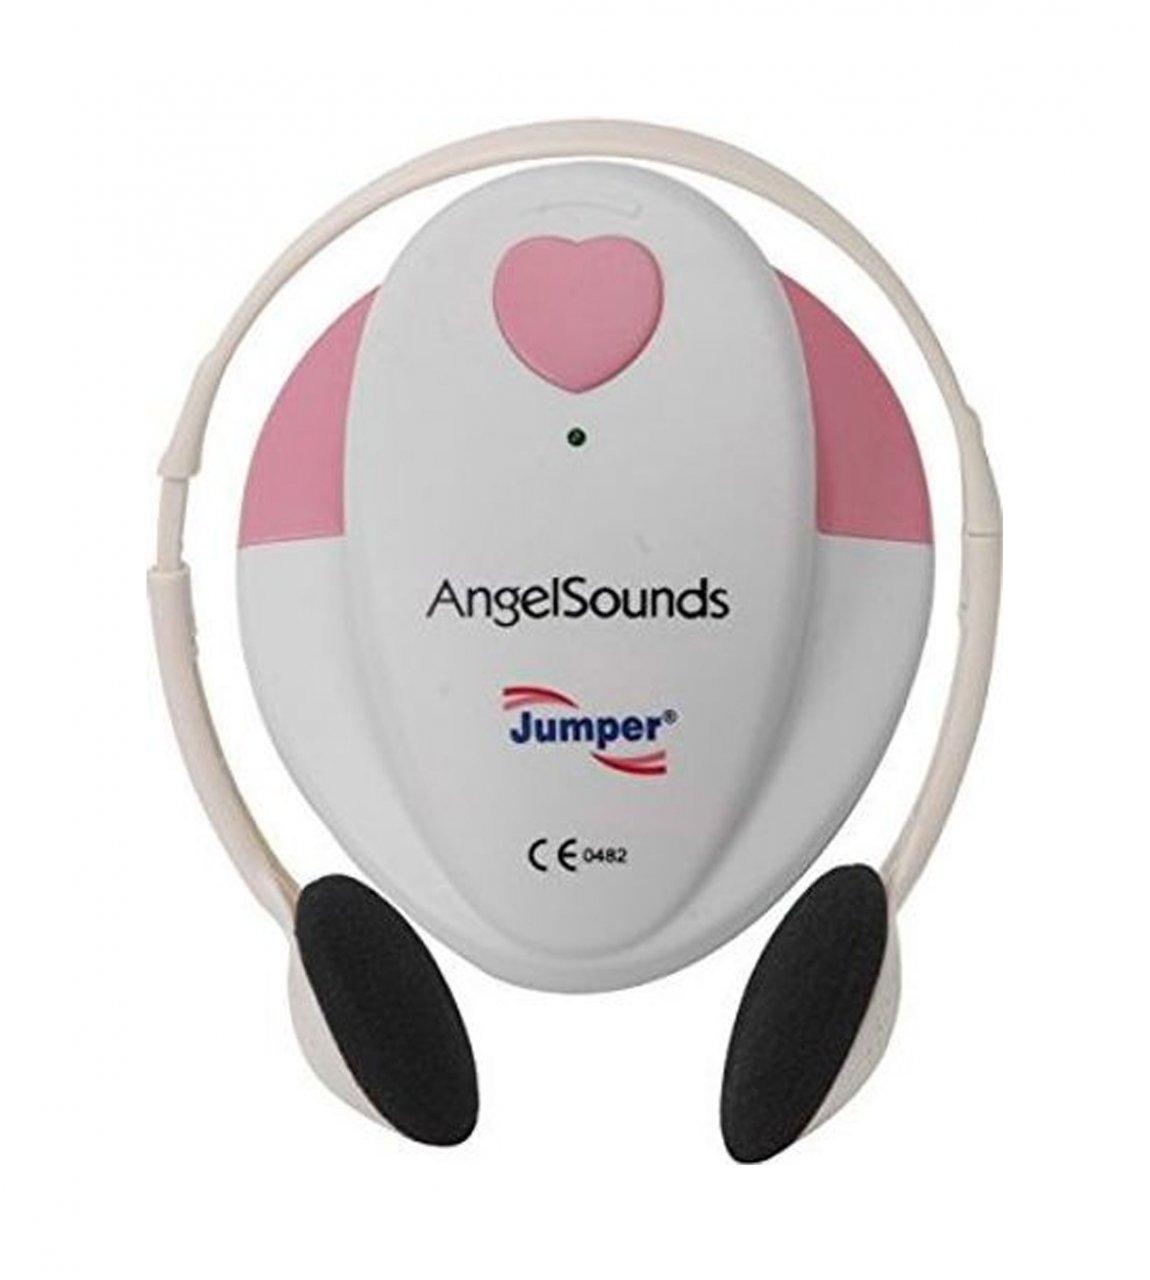 دستگاه سونوکیت شنیدن صدای قلب جنین جامپر مدل JPD-100s